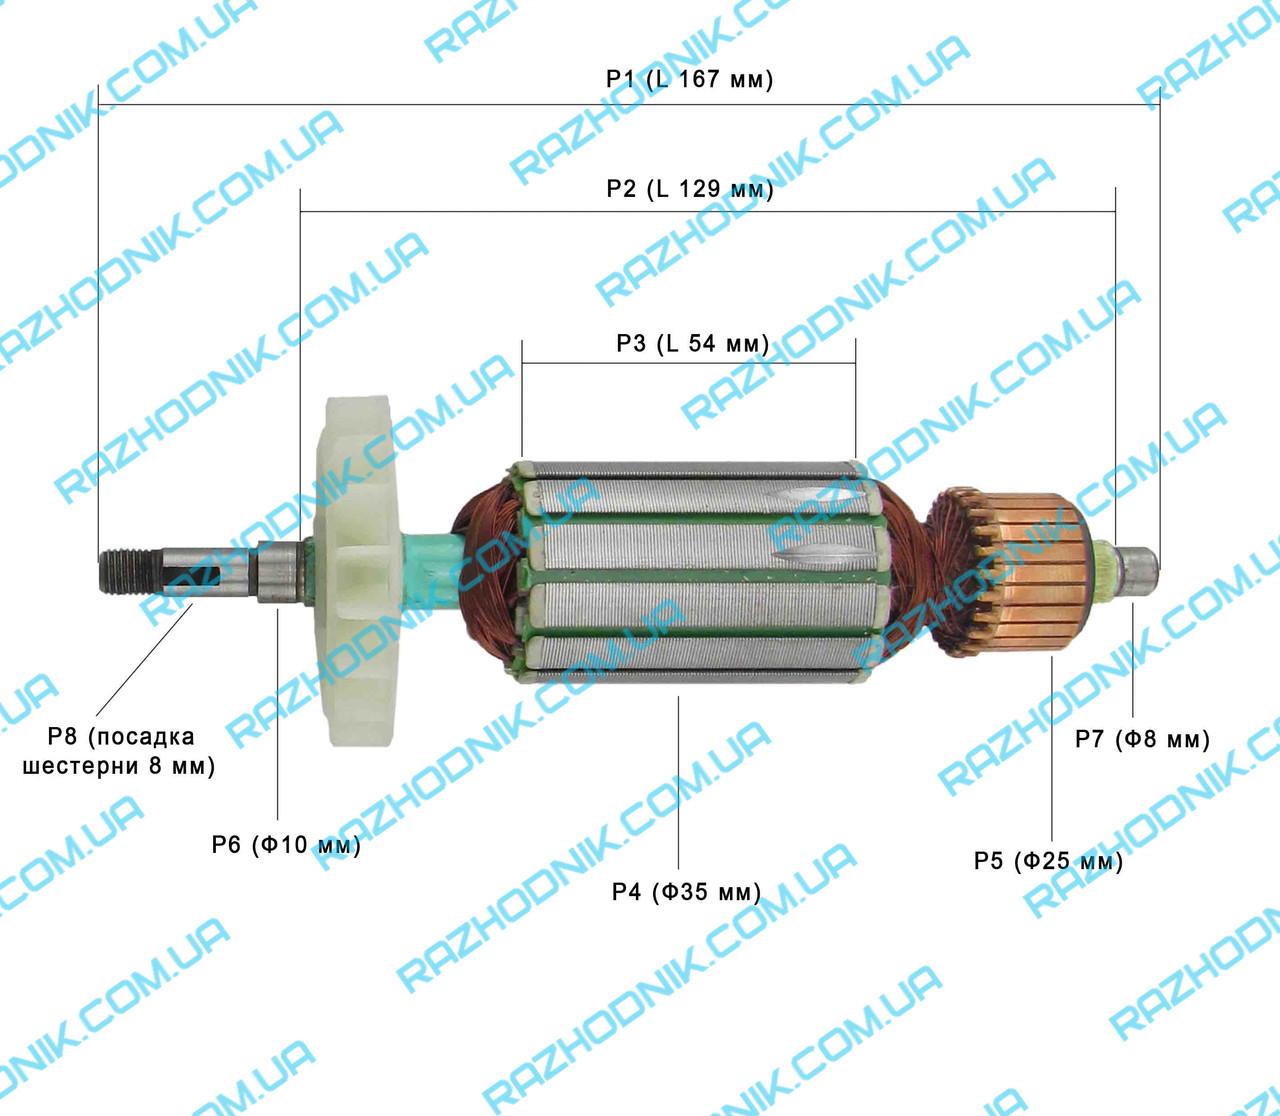 Якорь на болгарку CRAFT-TEC PRO CPAG-1100/Ижмаш Профи ИШМ-1200